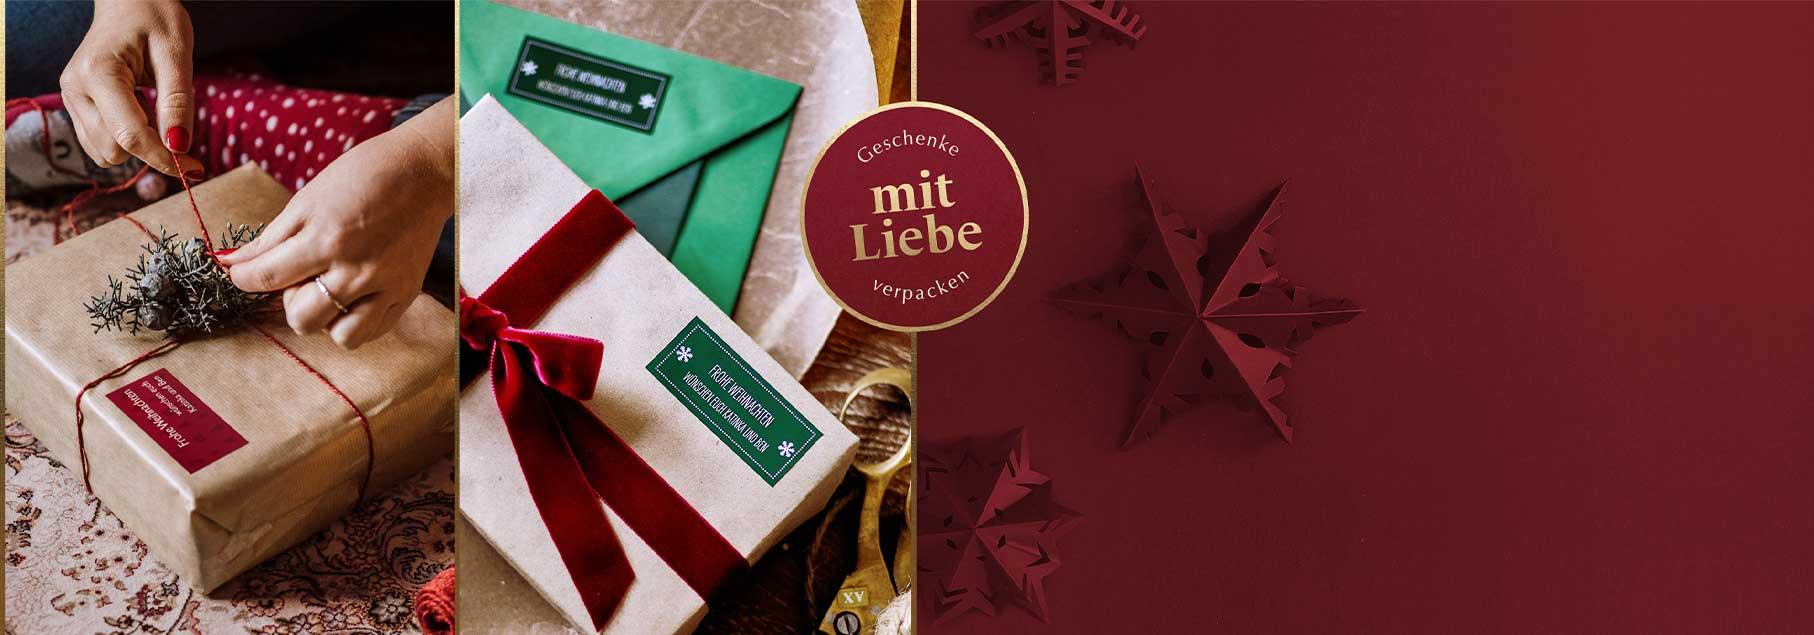 Geschenkeaufkleber für Weihnachten